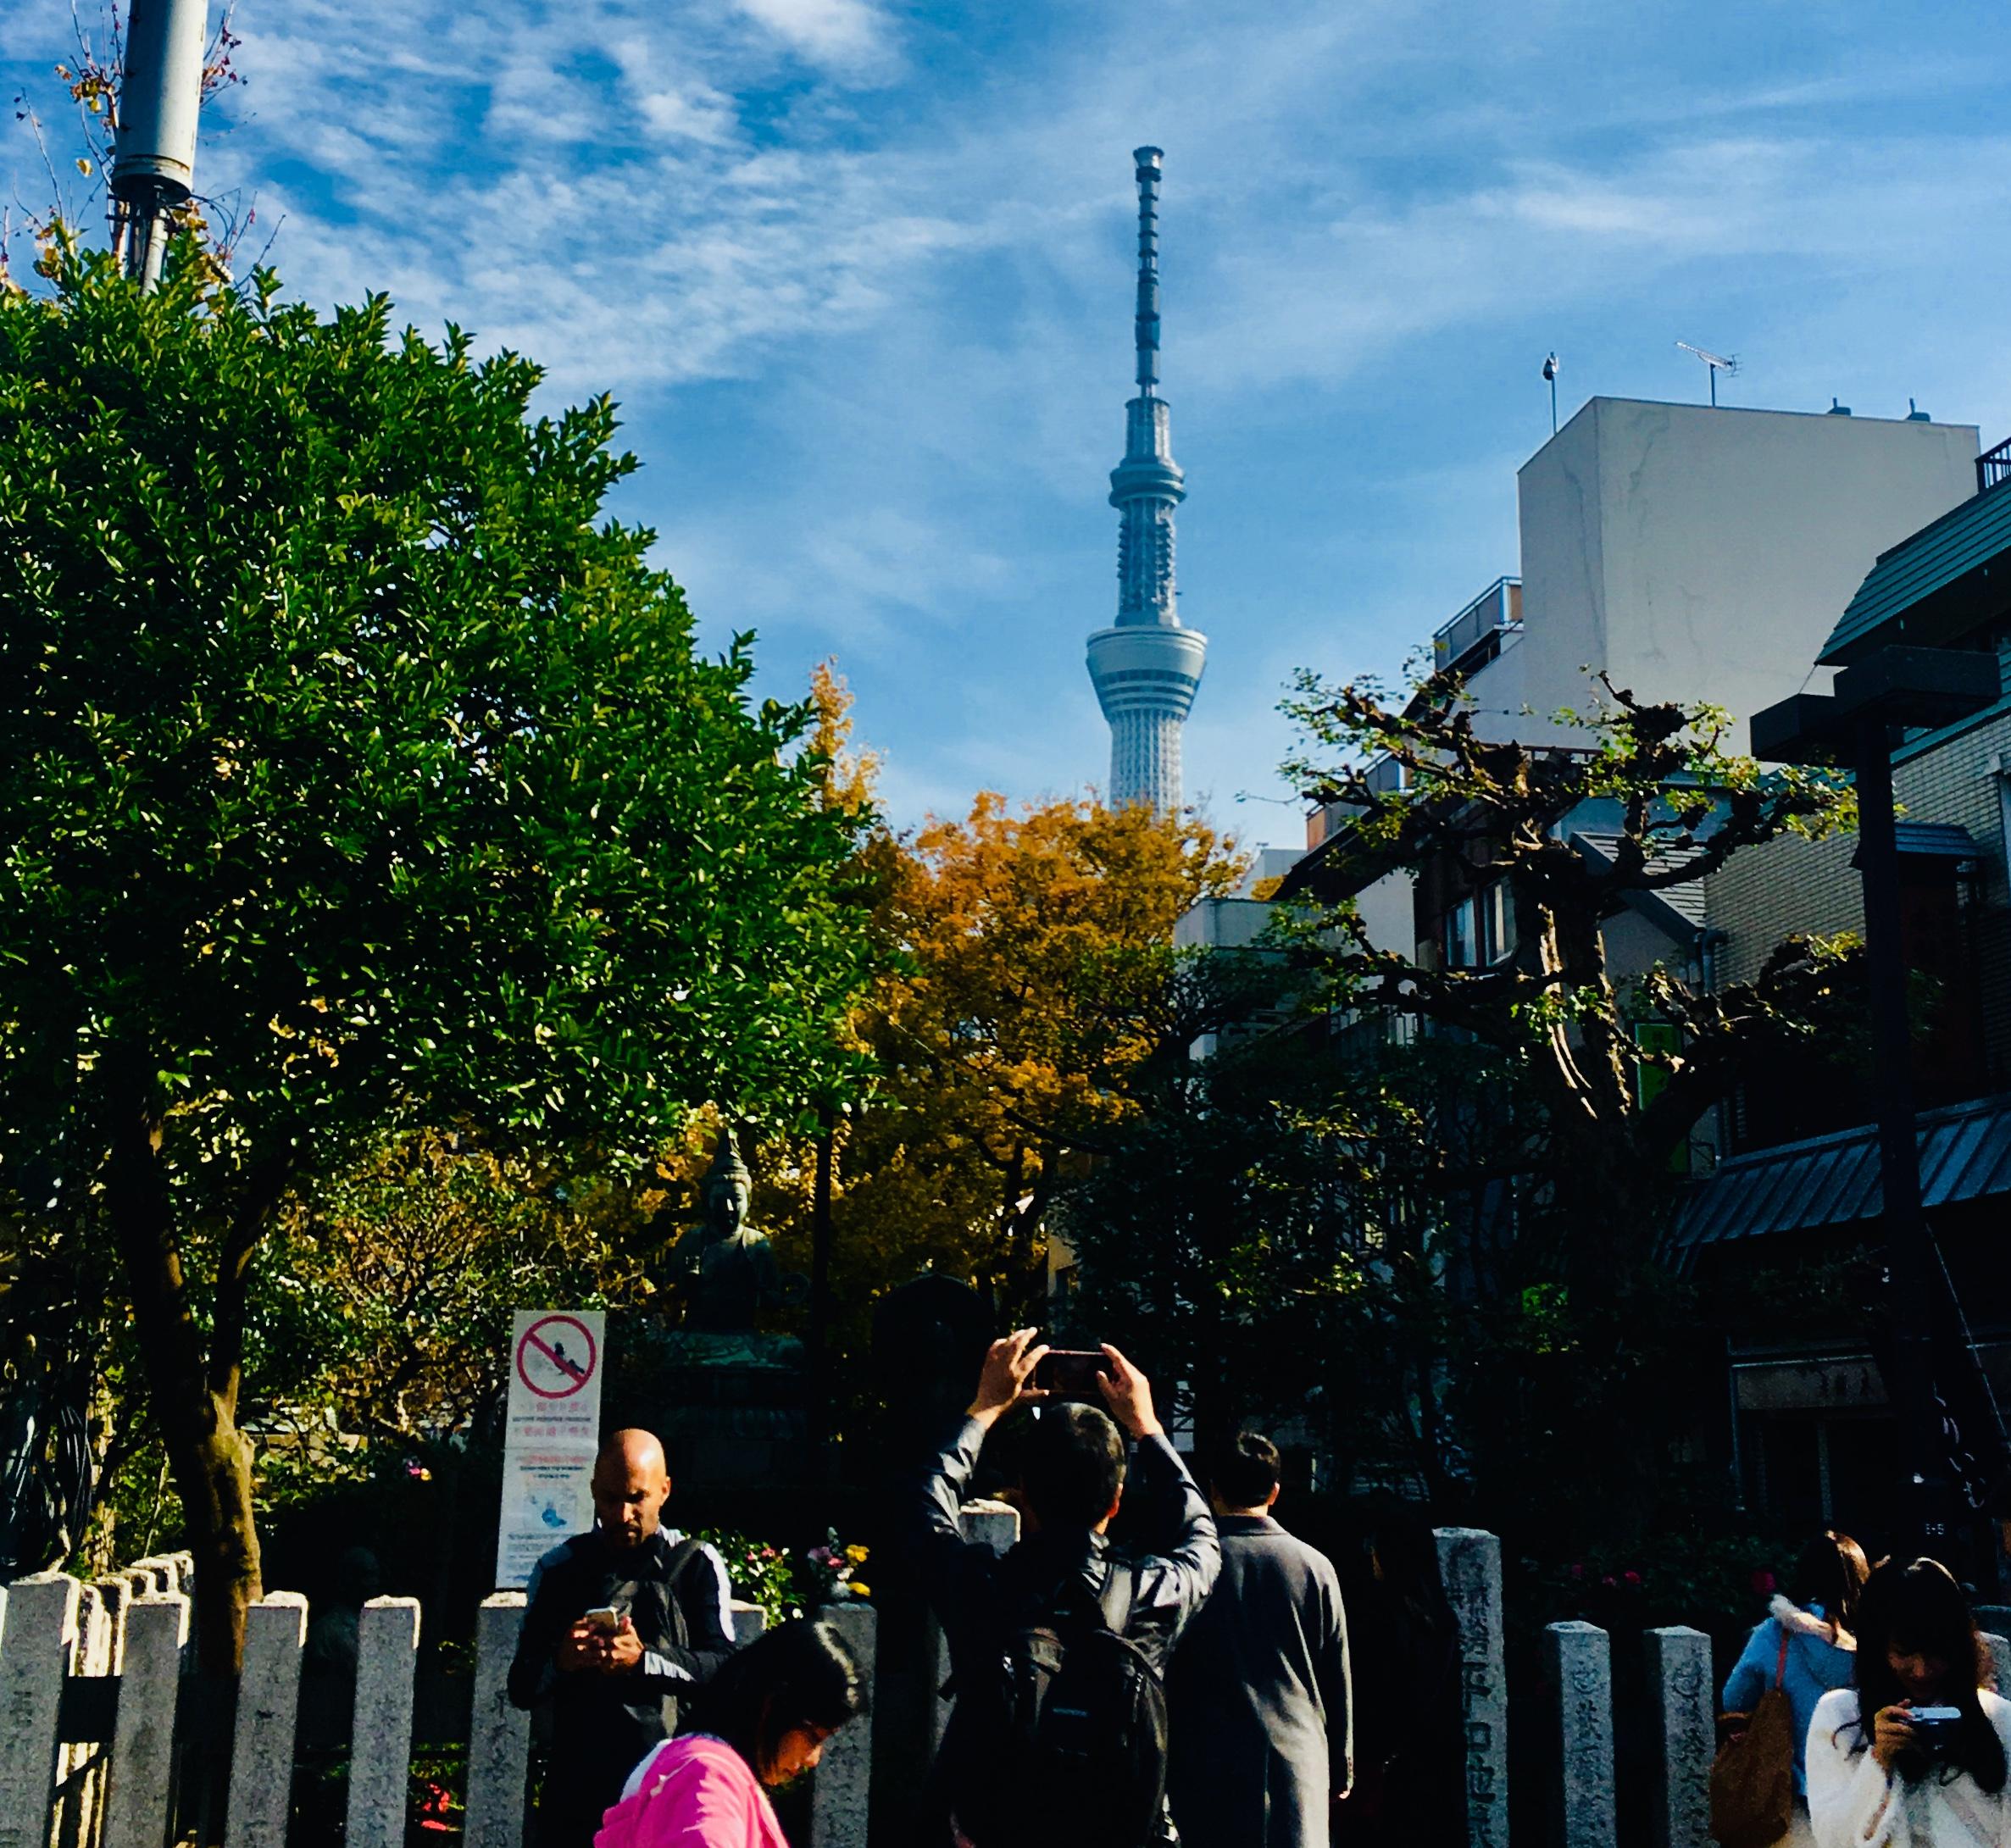 最寄り駅や所要時間は?ソラミ坂から東京スカイツリー全景を写真に撮ろう